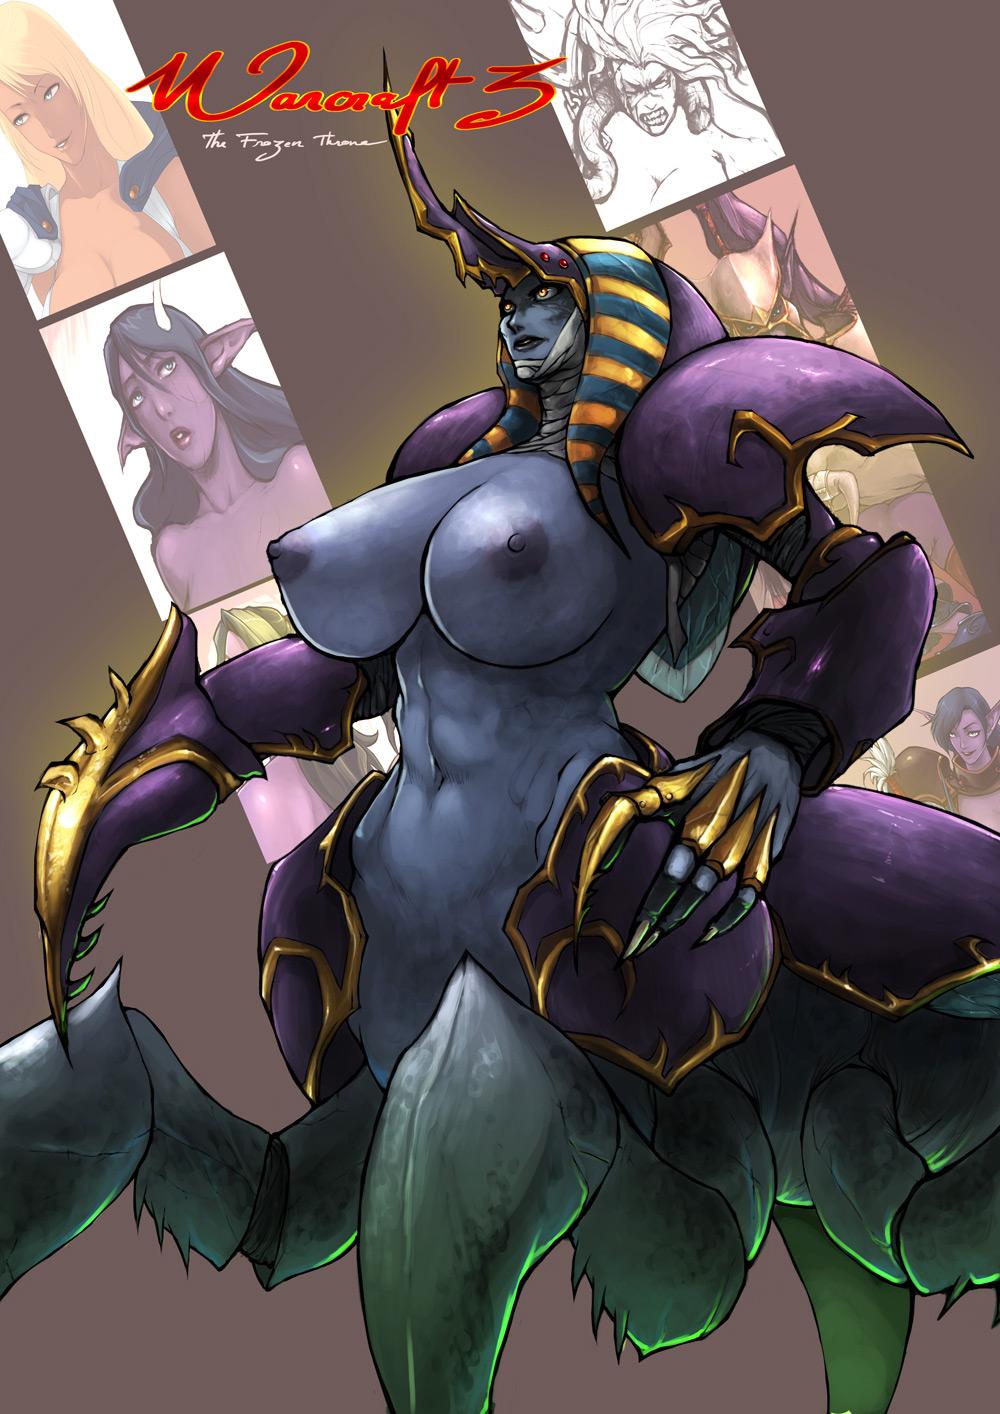 Warcraft naga hentai hardcore image